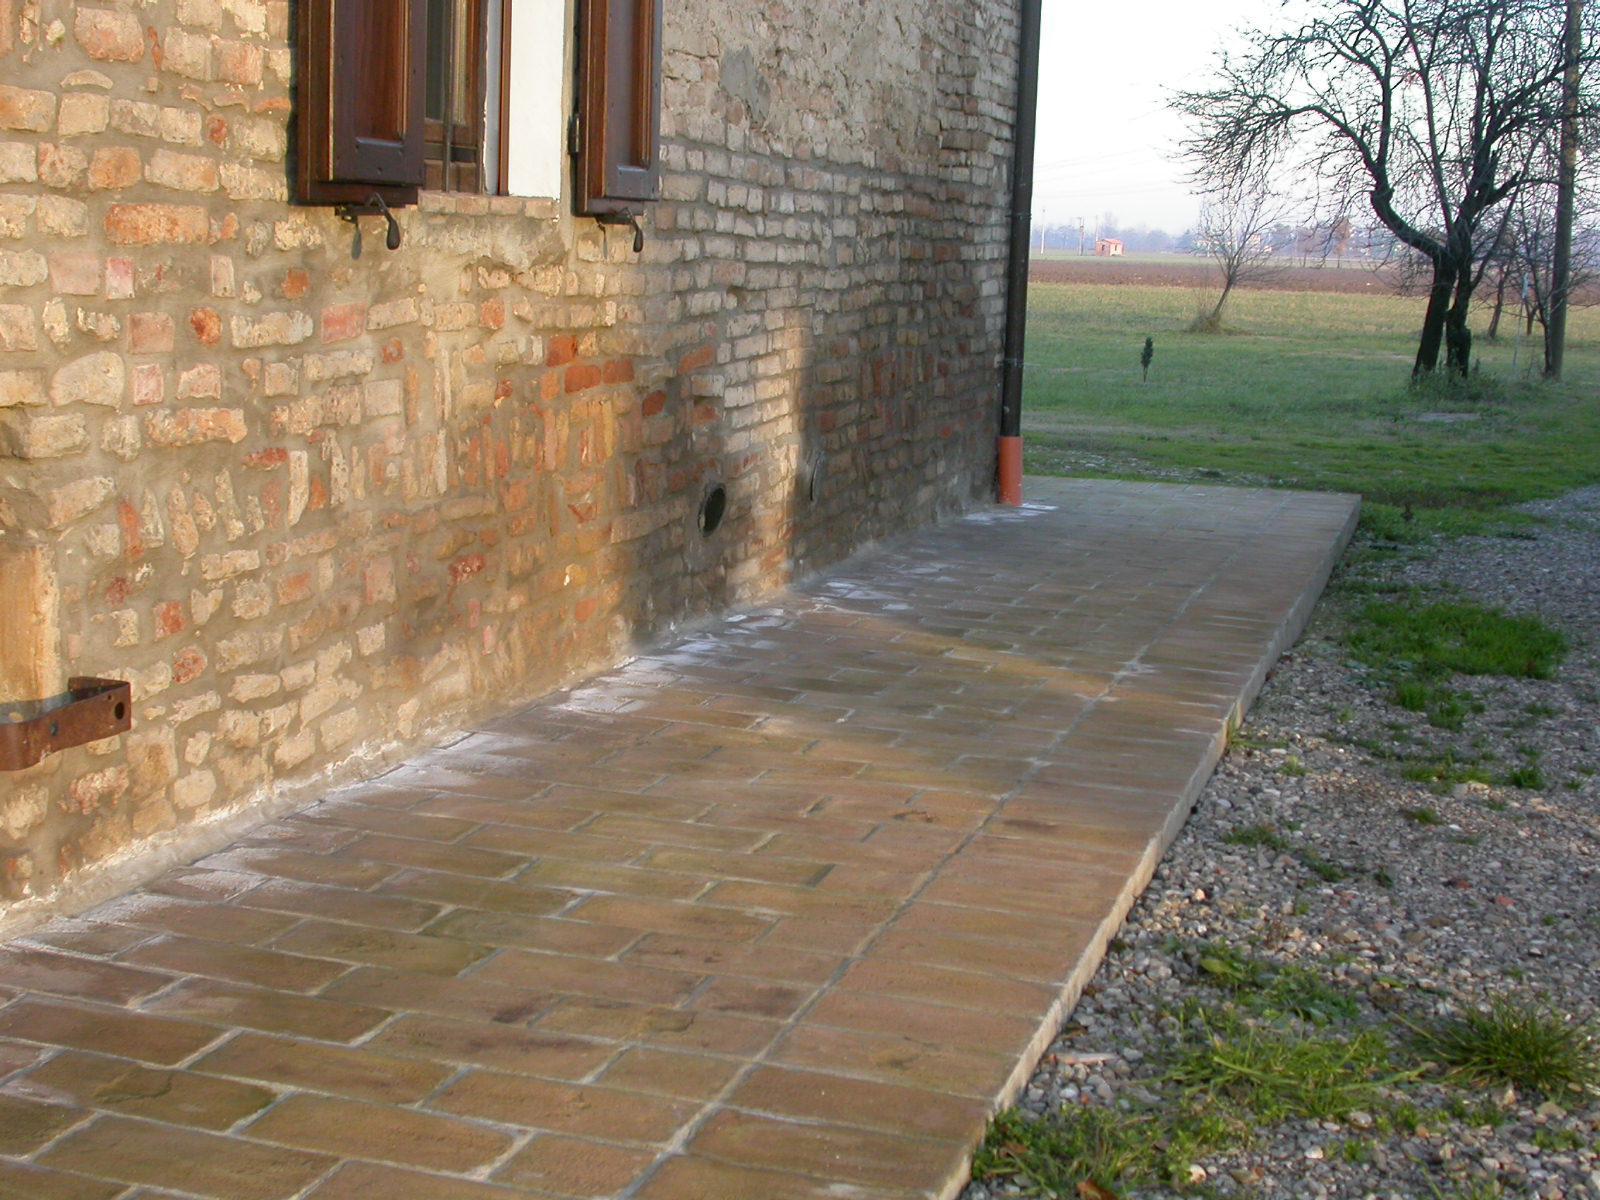 Muri umidi fondazione areata for Case con verande tutt attorno